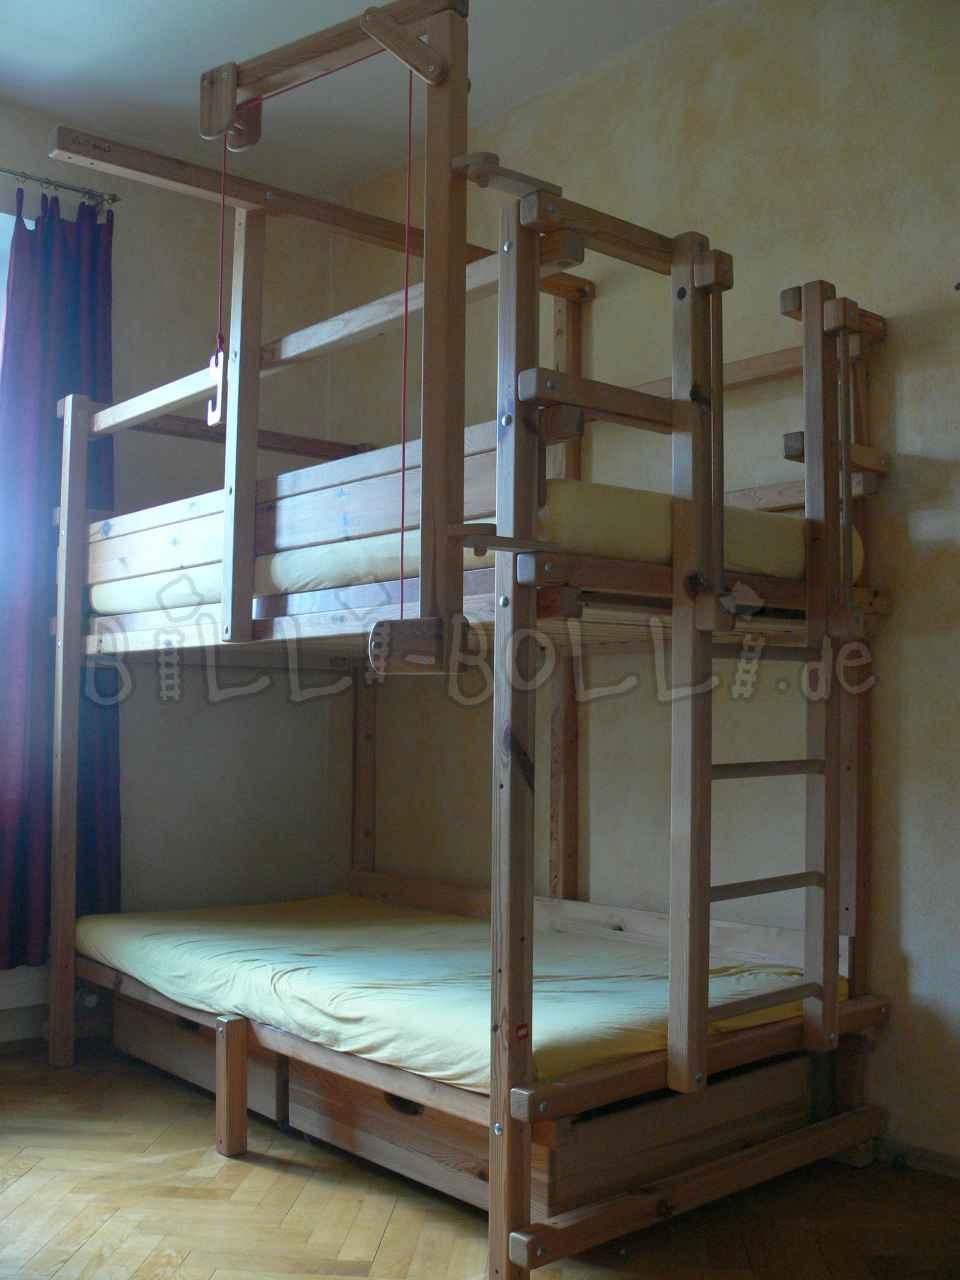 secondhand seite 106 billi bolli kinderm bel. Black Bedroom Furniture Sets. Home Design Ideas